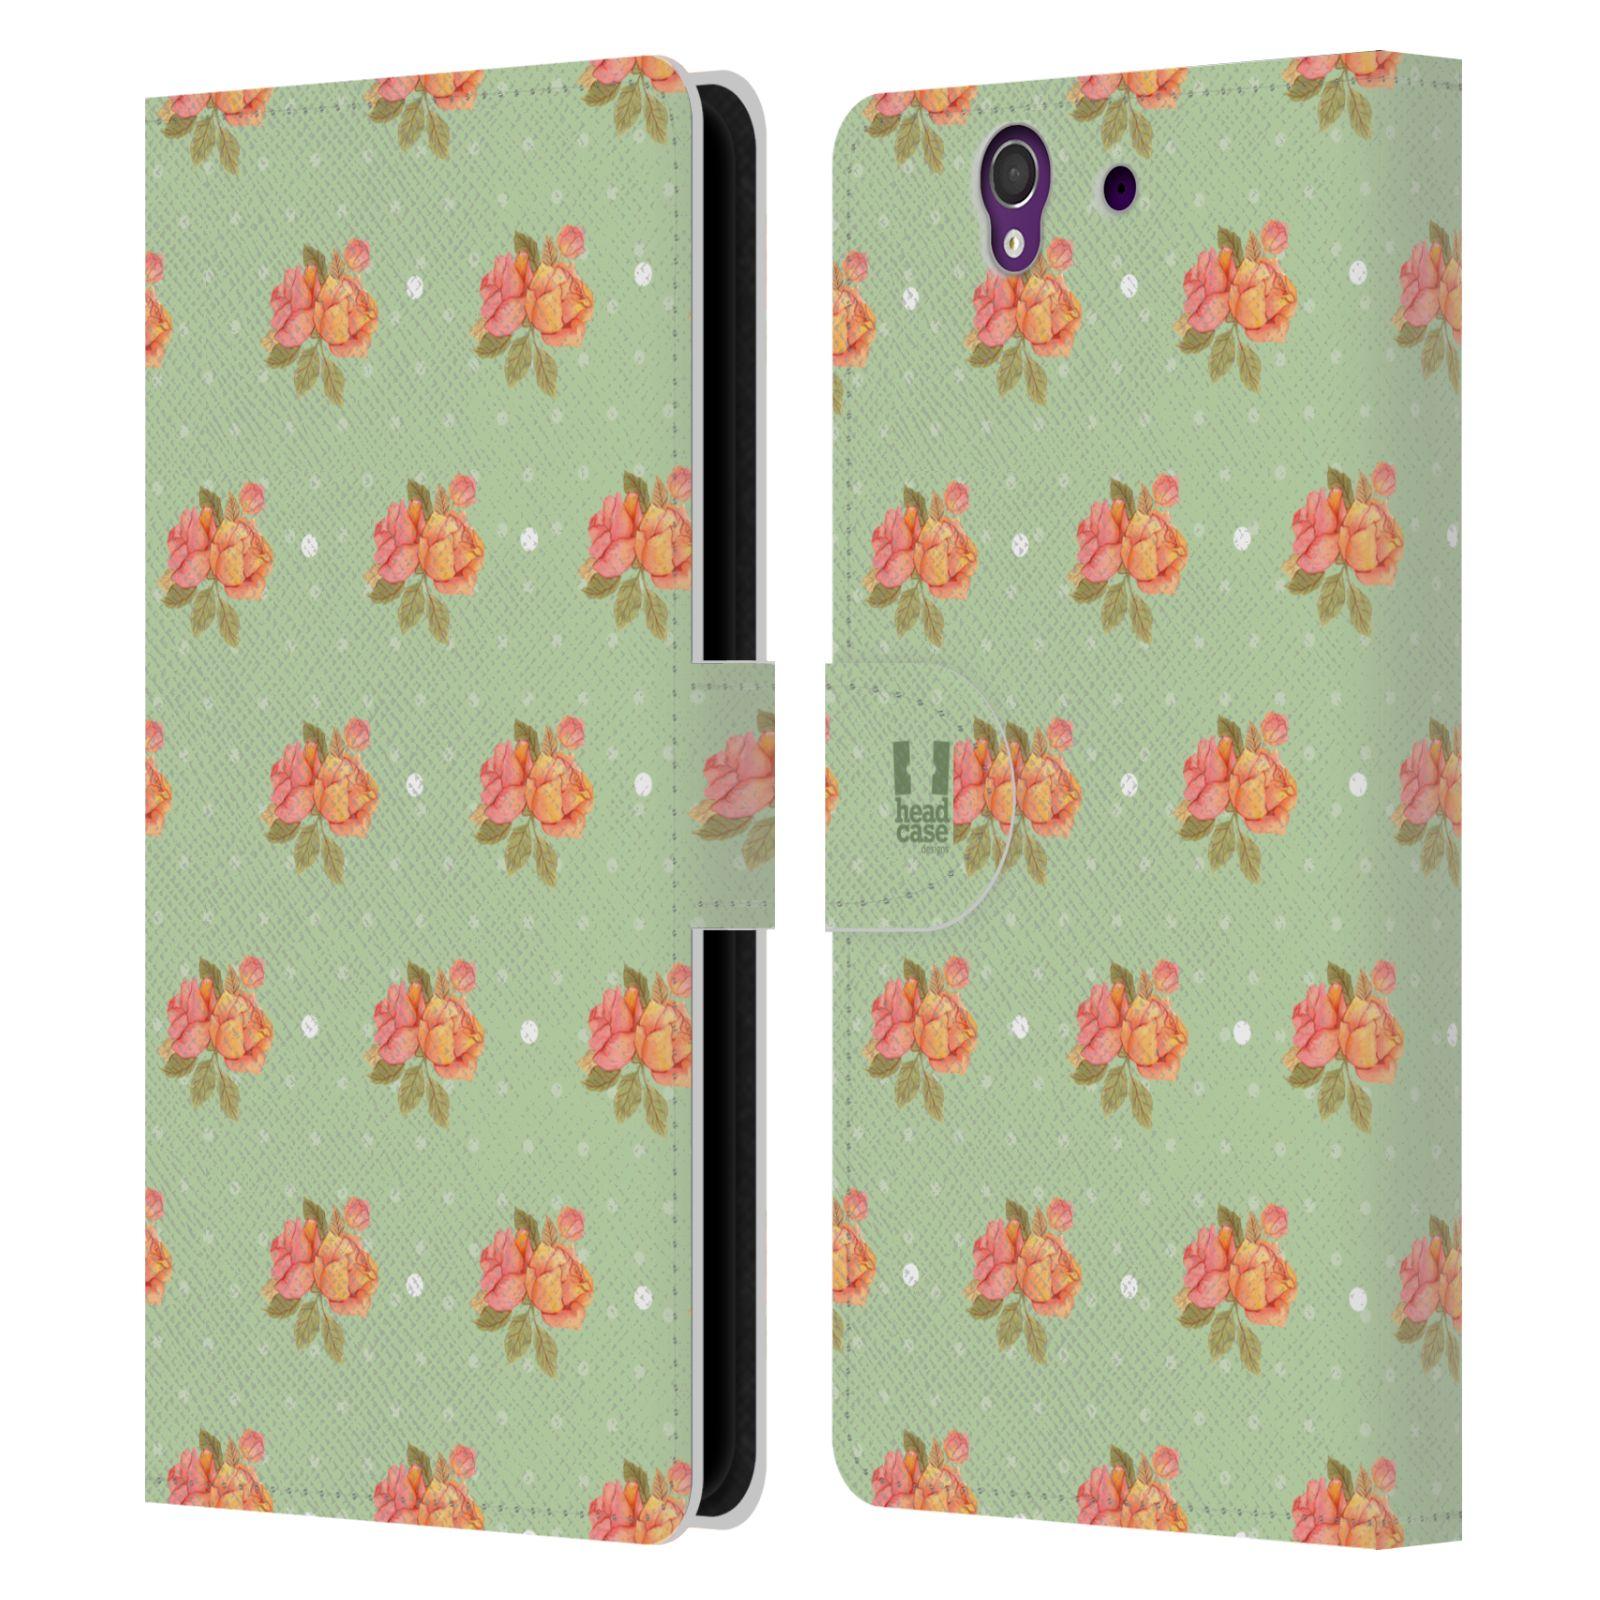 HEAD CASE Flipové pouzdro pro mobil SONY XPERIA Z (C6603) romantické květy jaro zelená